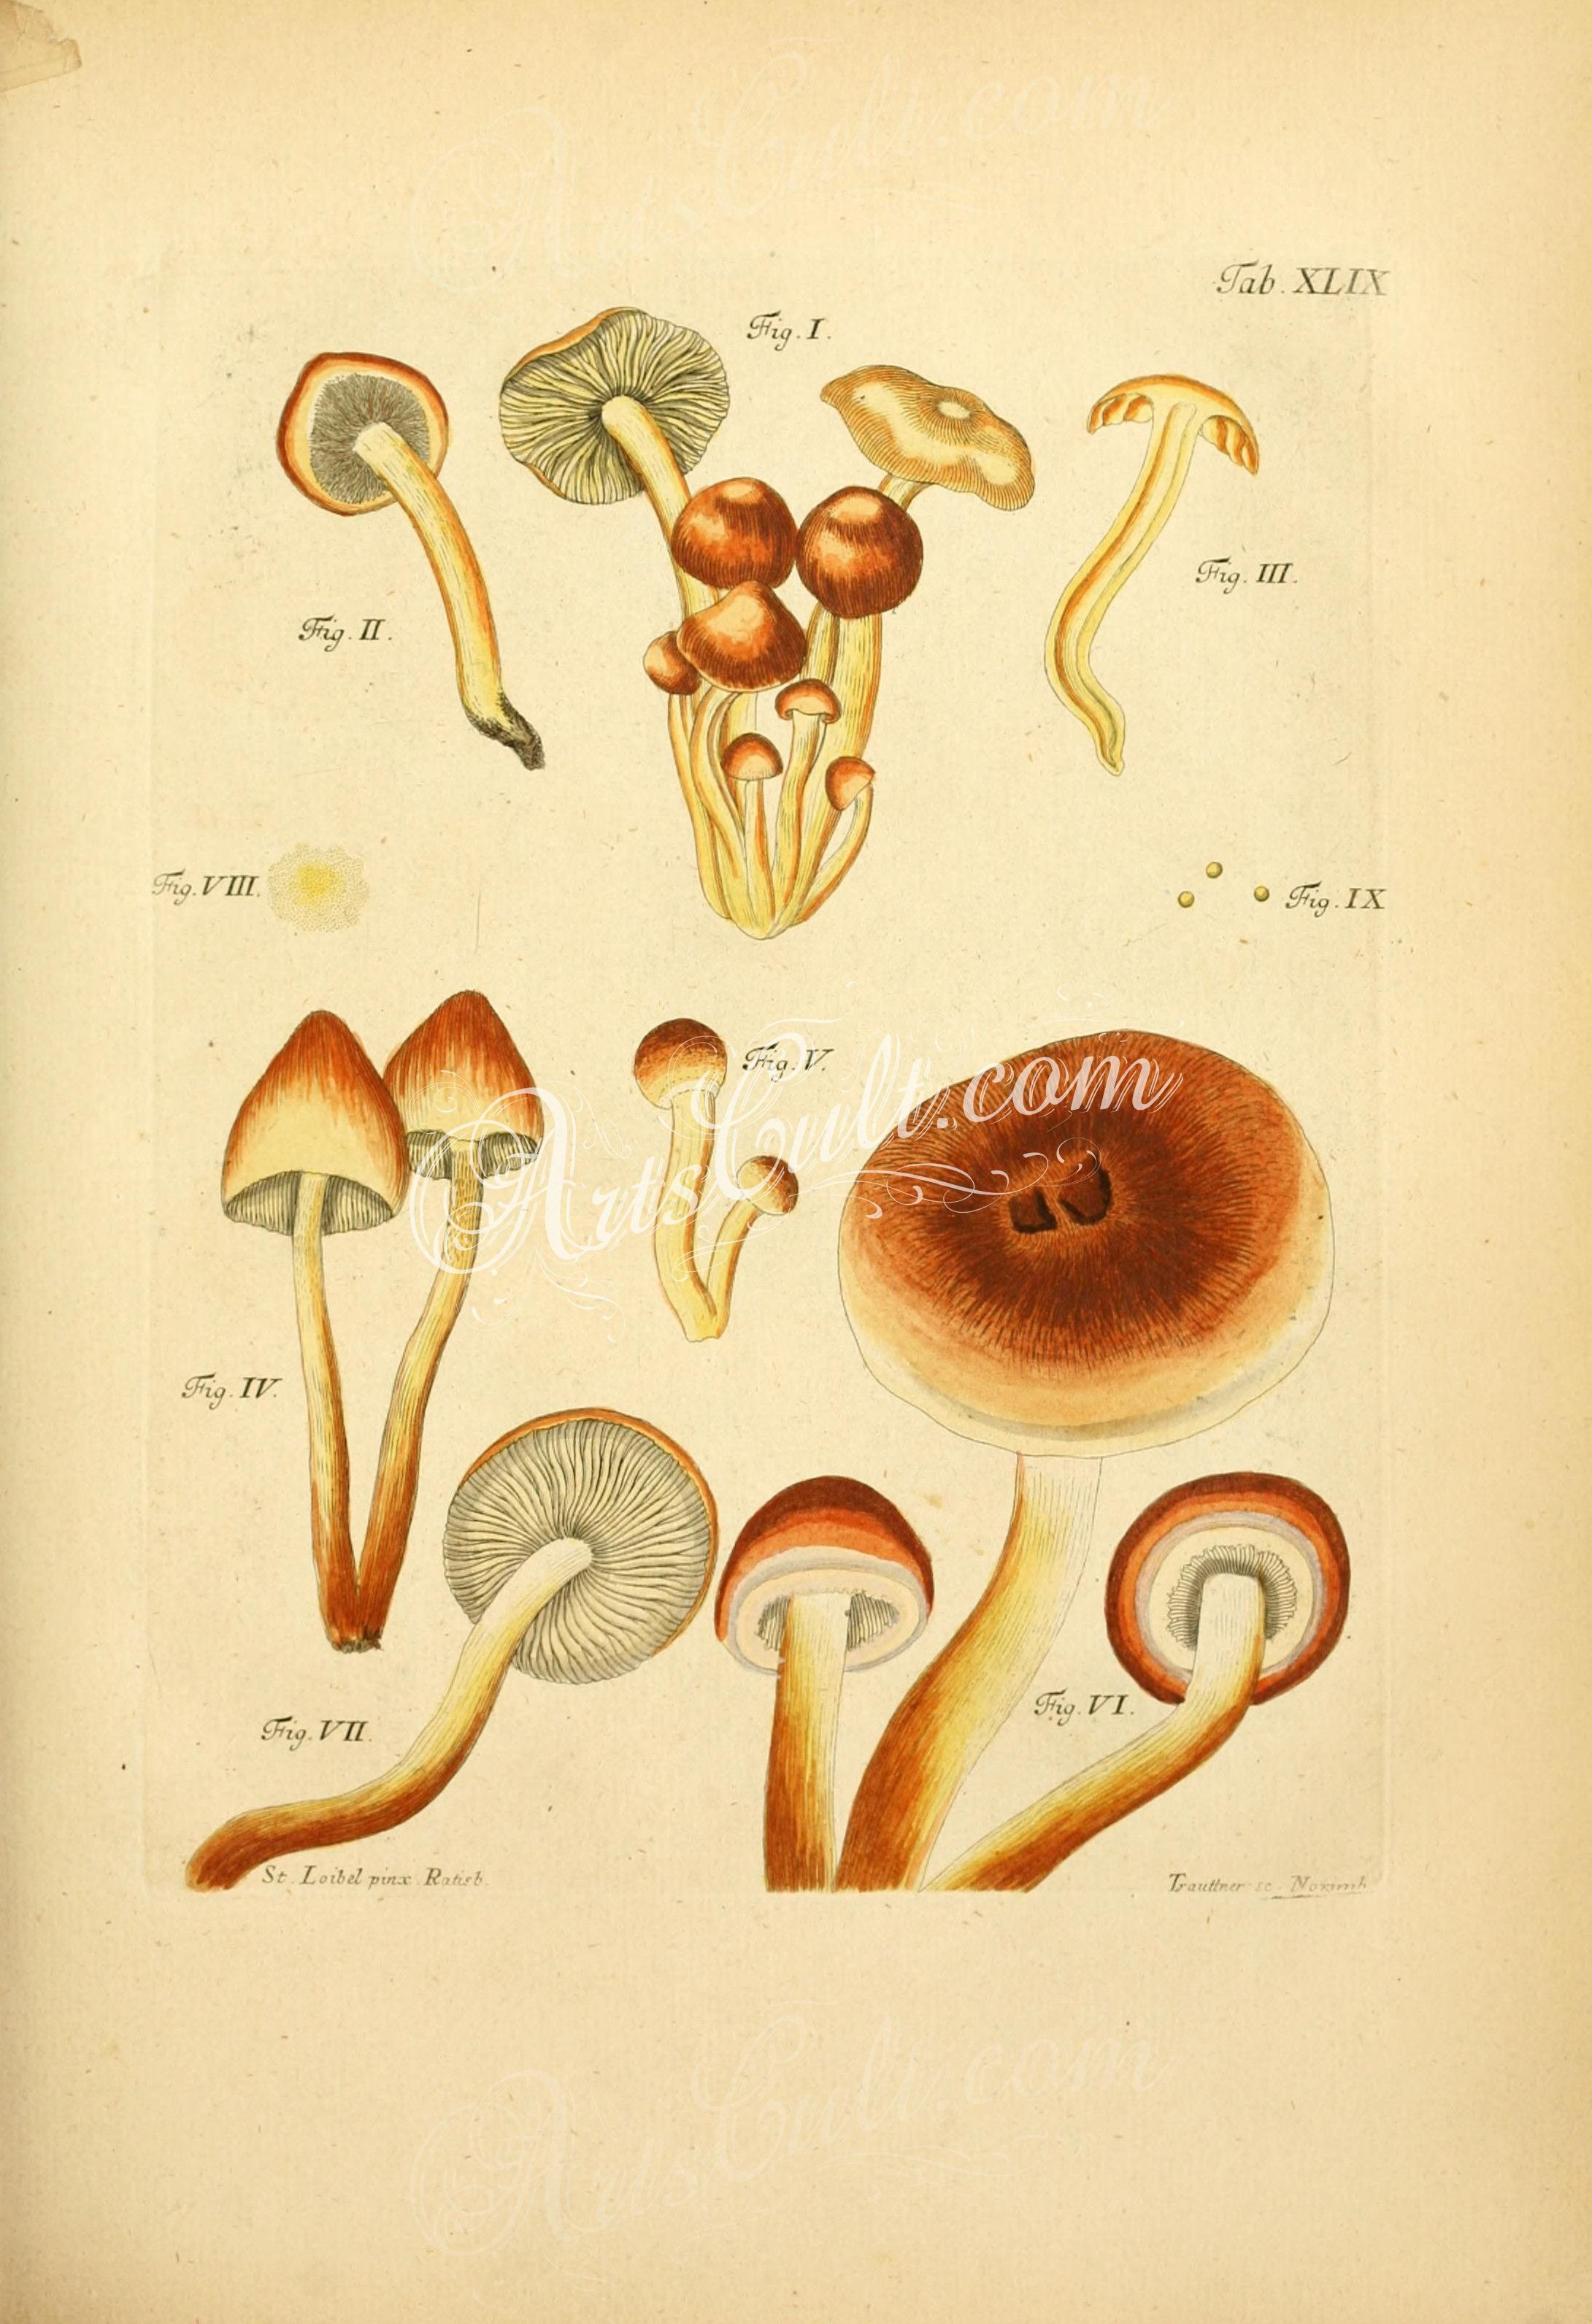 mushrooms-07441 049-unspecified mushrooms ArtsCult.com Artscult ...